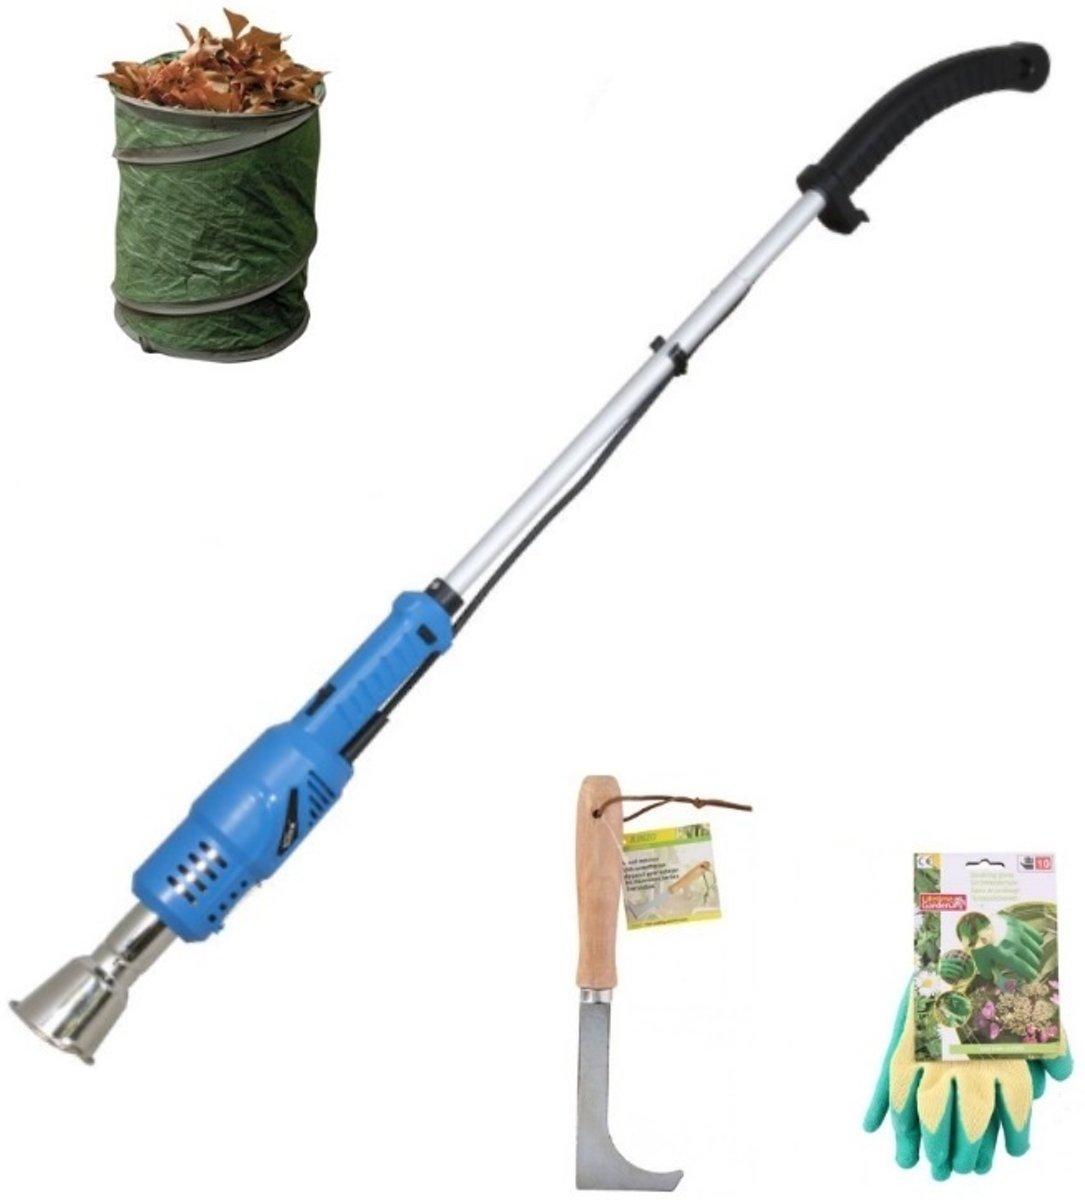 Güde Onkruidbrander voordeelset | Güde Elektrische Onkruidbrander UVH 2000-600 (2000 W) + voegenkrabber + tuinhandschoenen + tuinafvalzak kopen